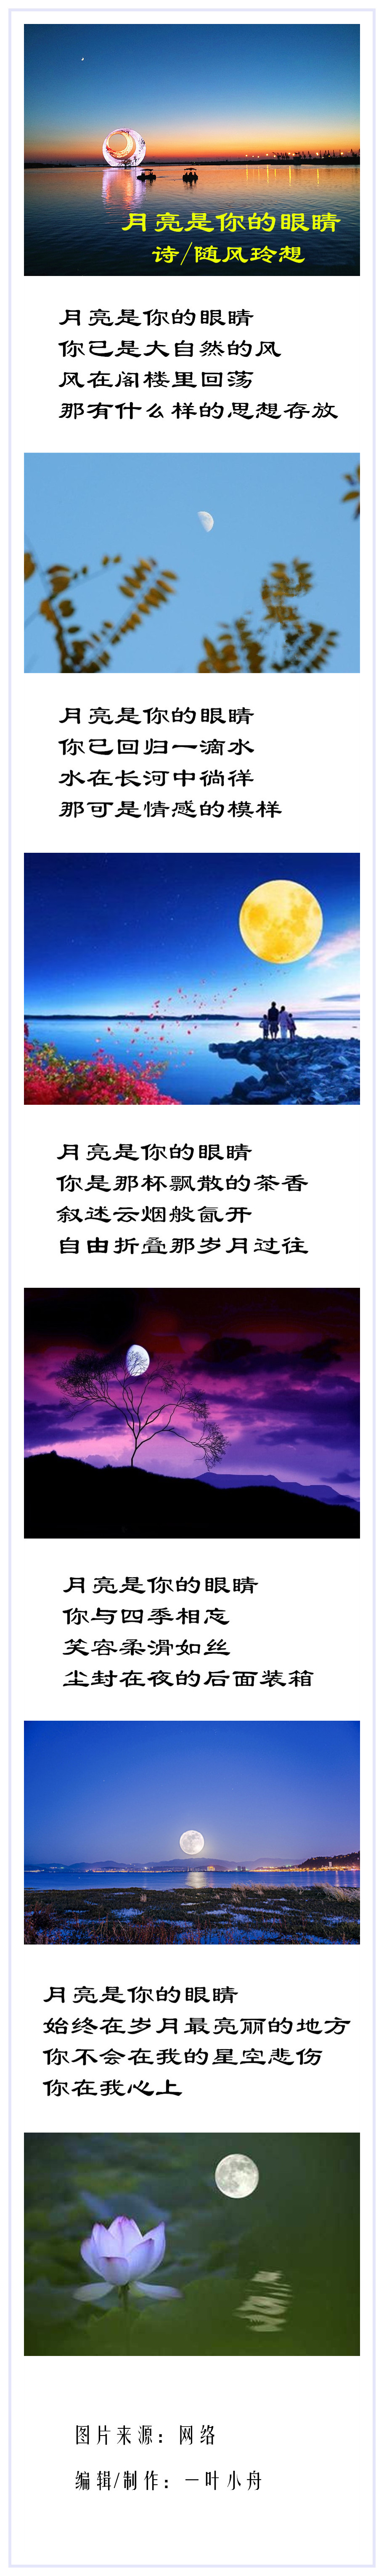 月亮是你的眼睛诗合成